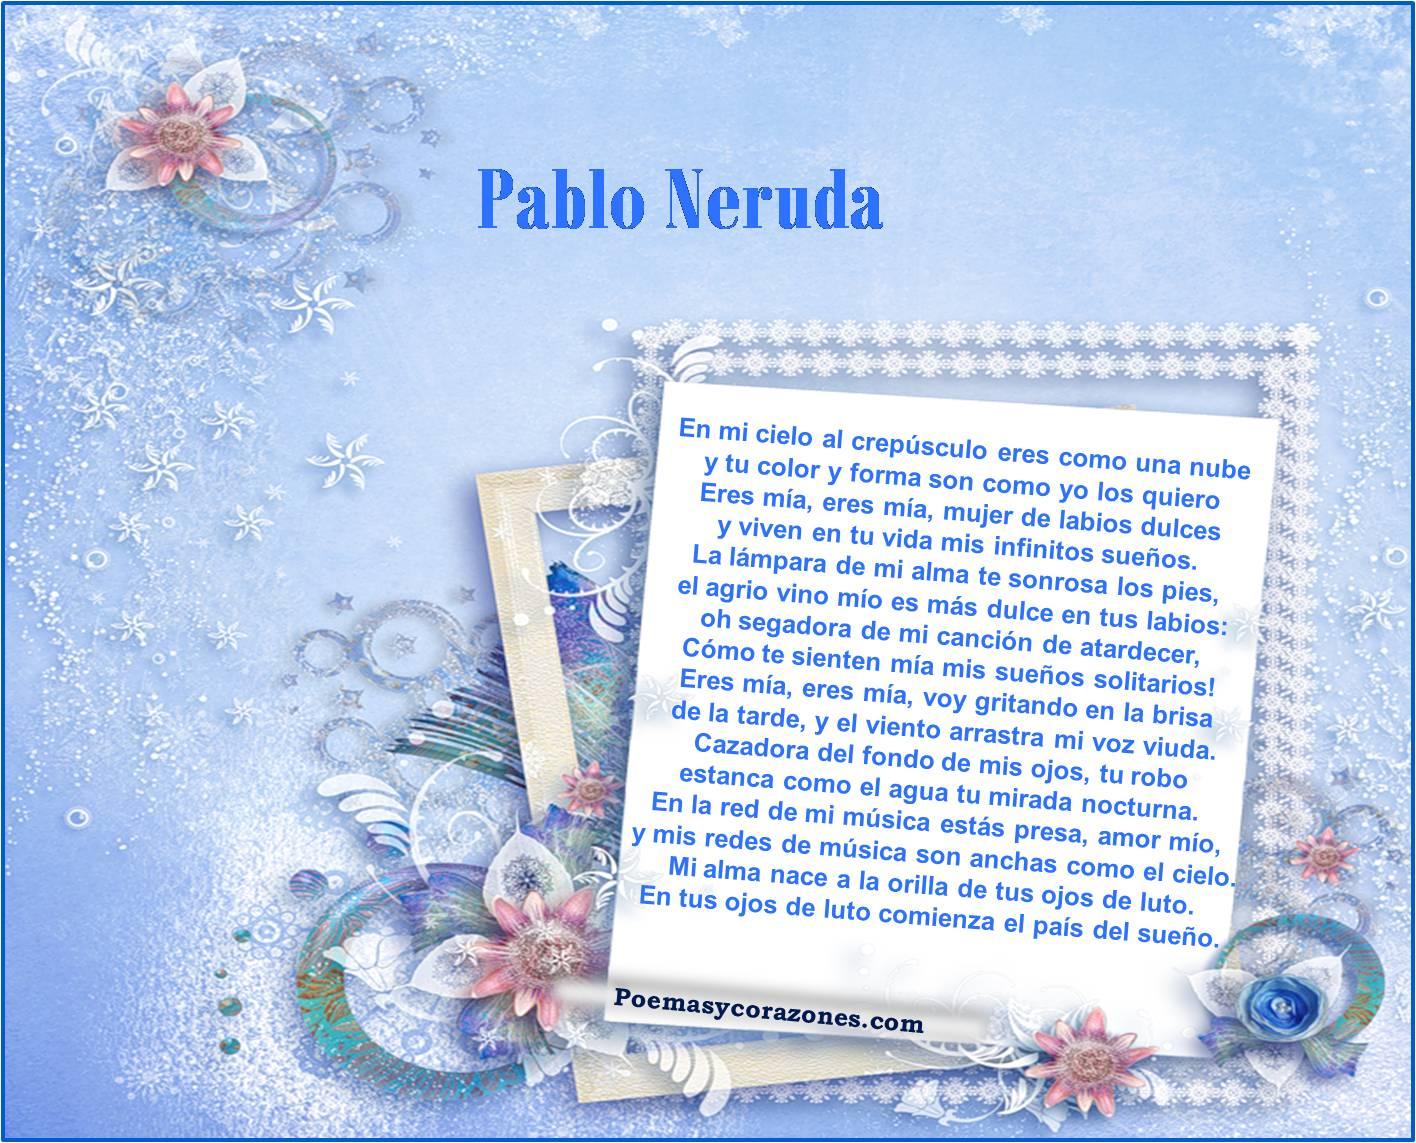 2 poemas de pablo neruda: